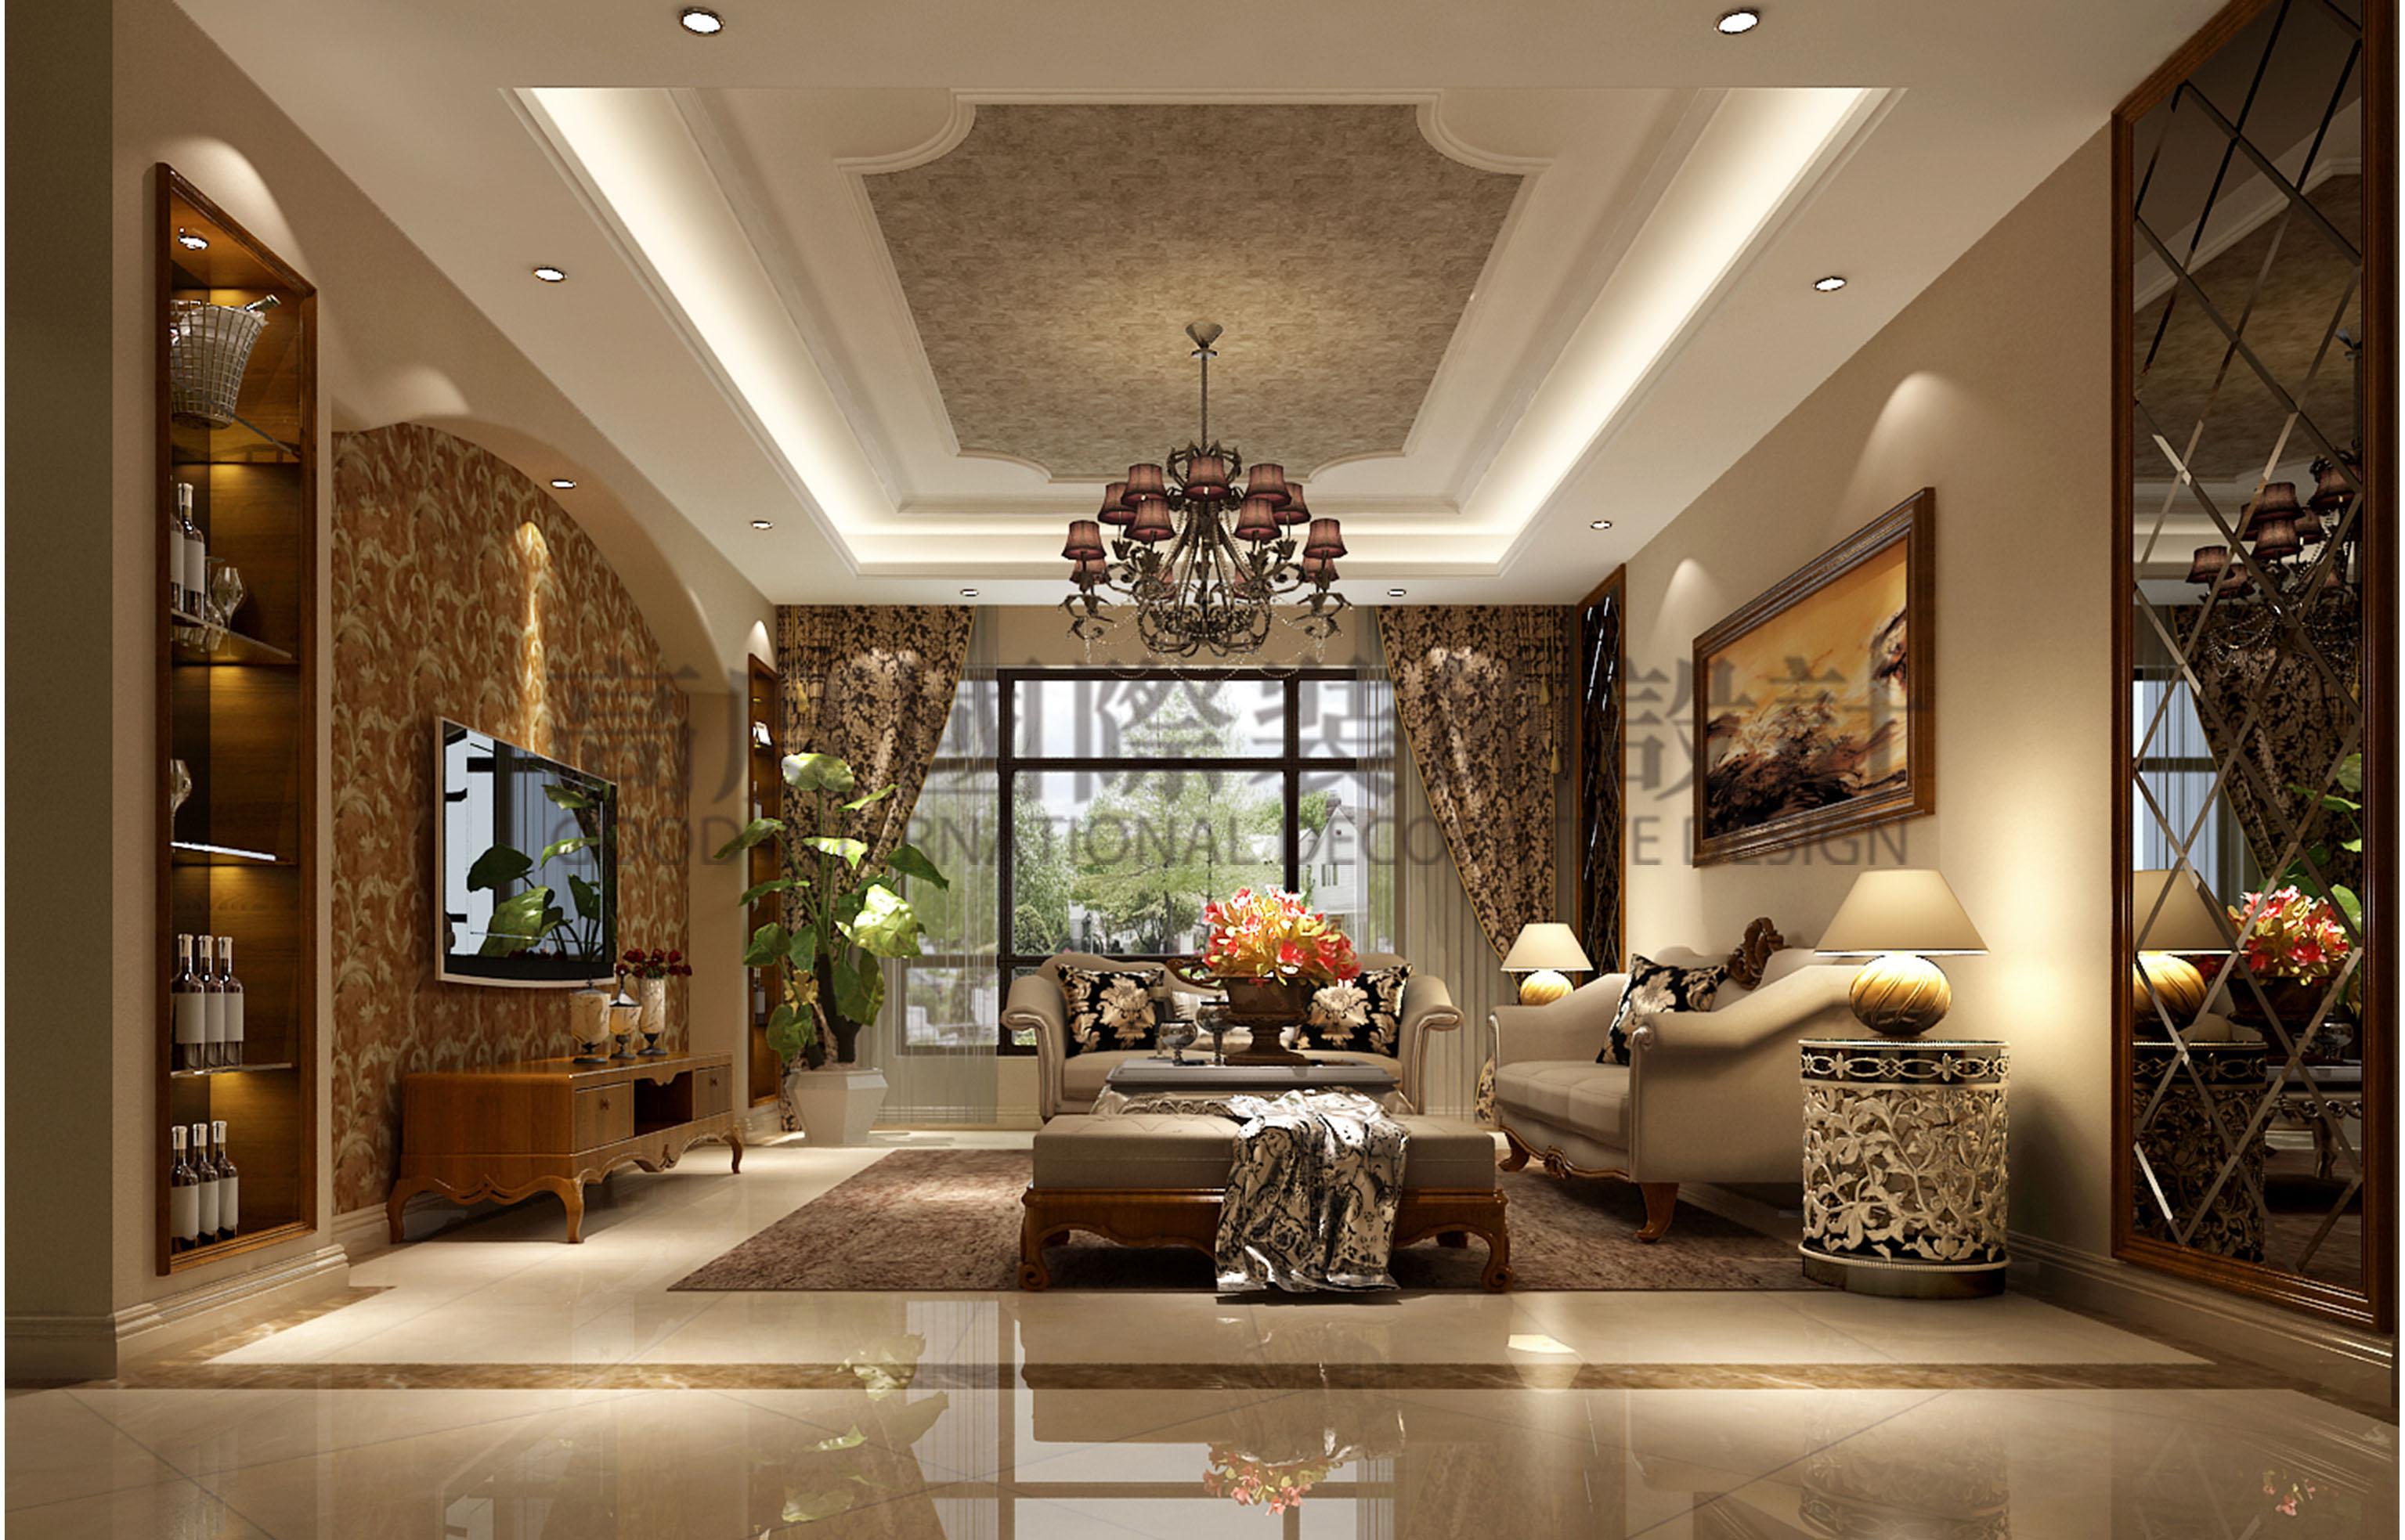 欧式 三居 小资 客厅图片来自大小姐在王府壹号欧式风格的分享